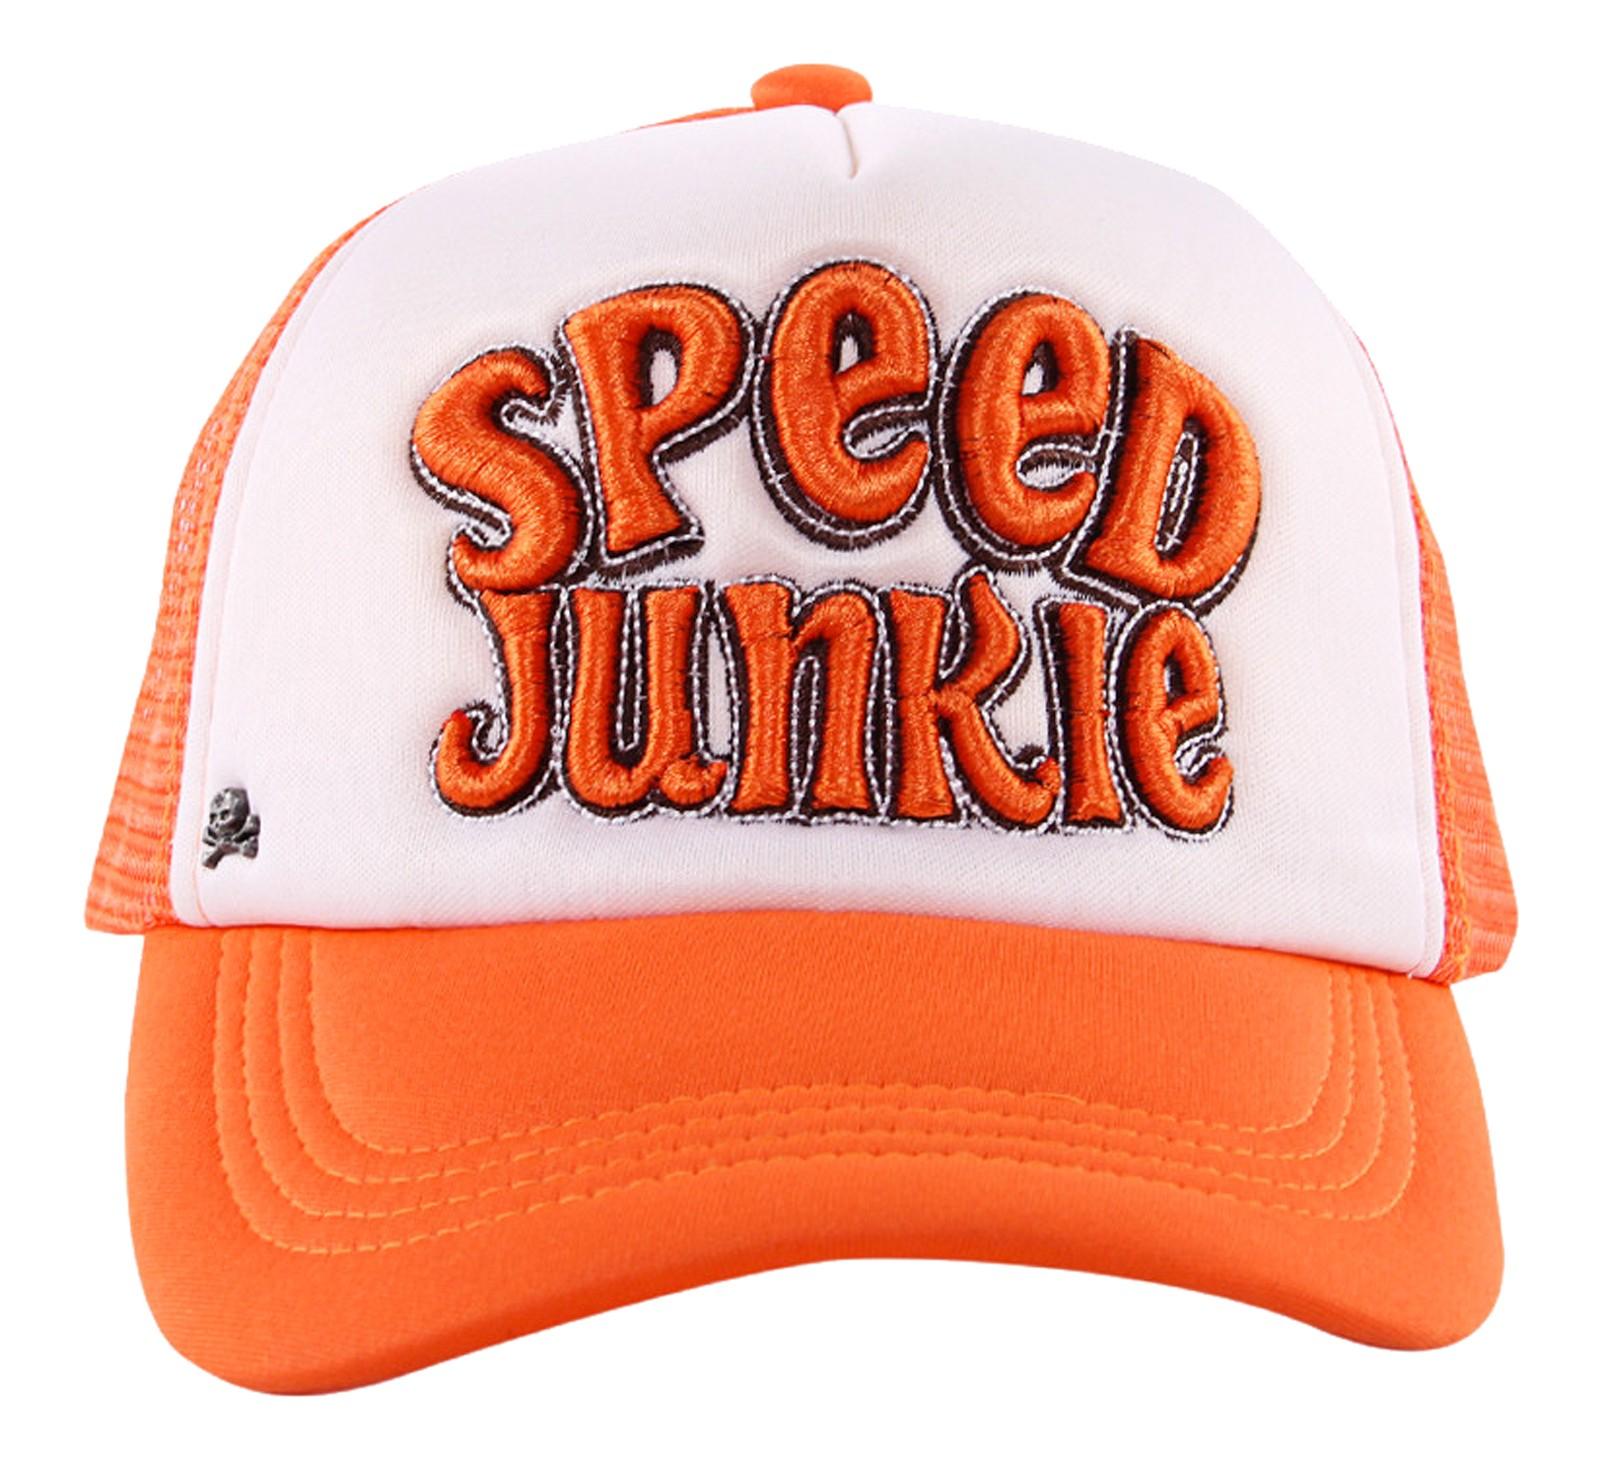 La Marca Del Diablo - Speed Junkie Trucker Cap